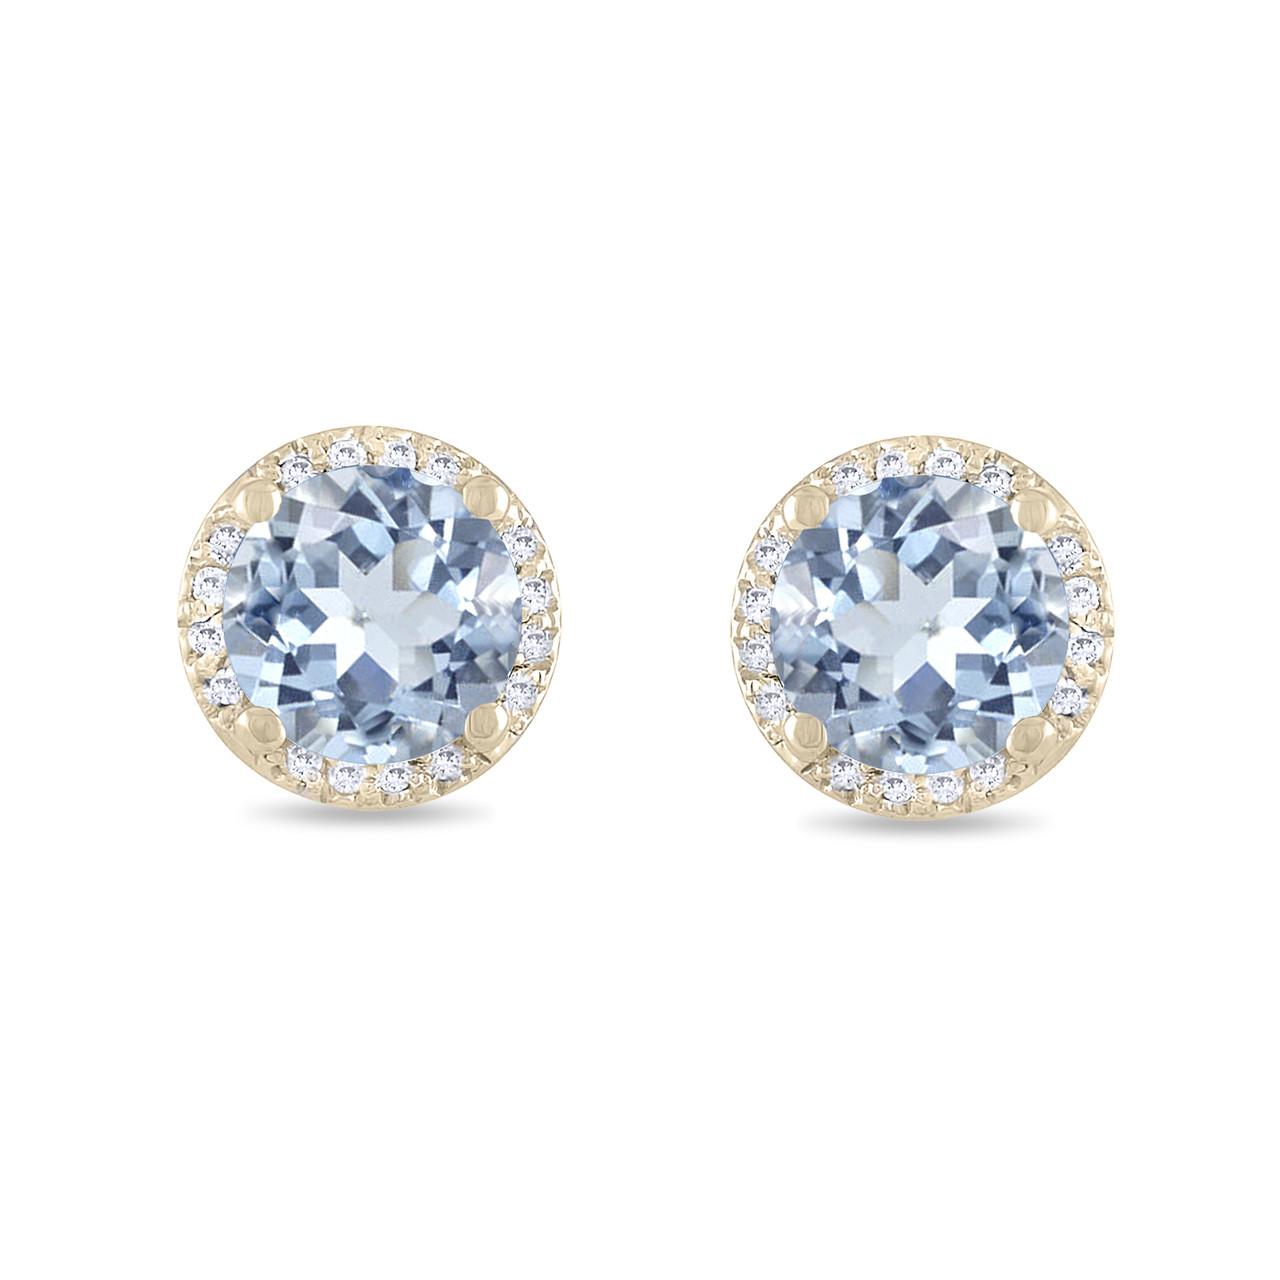 8a62305ca76f Aquamarine Stud Earrings